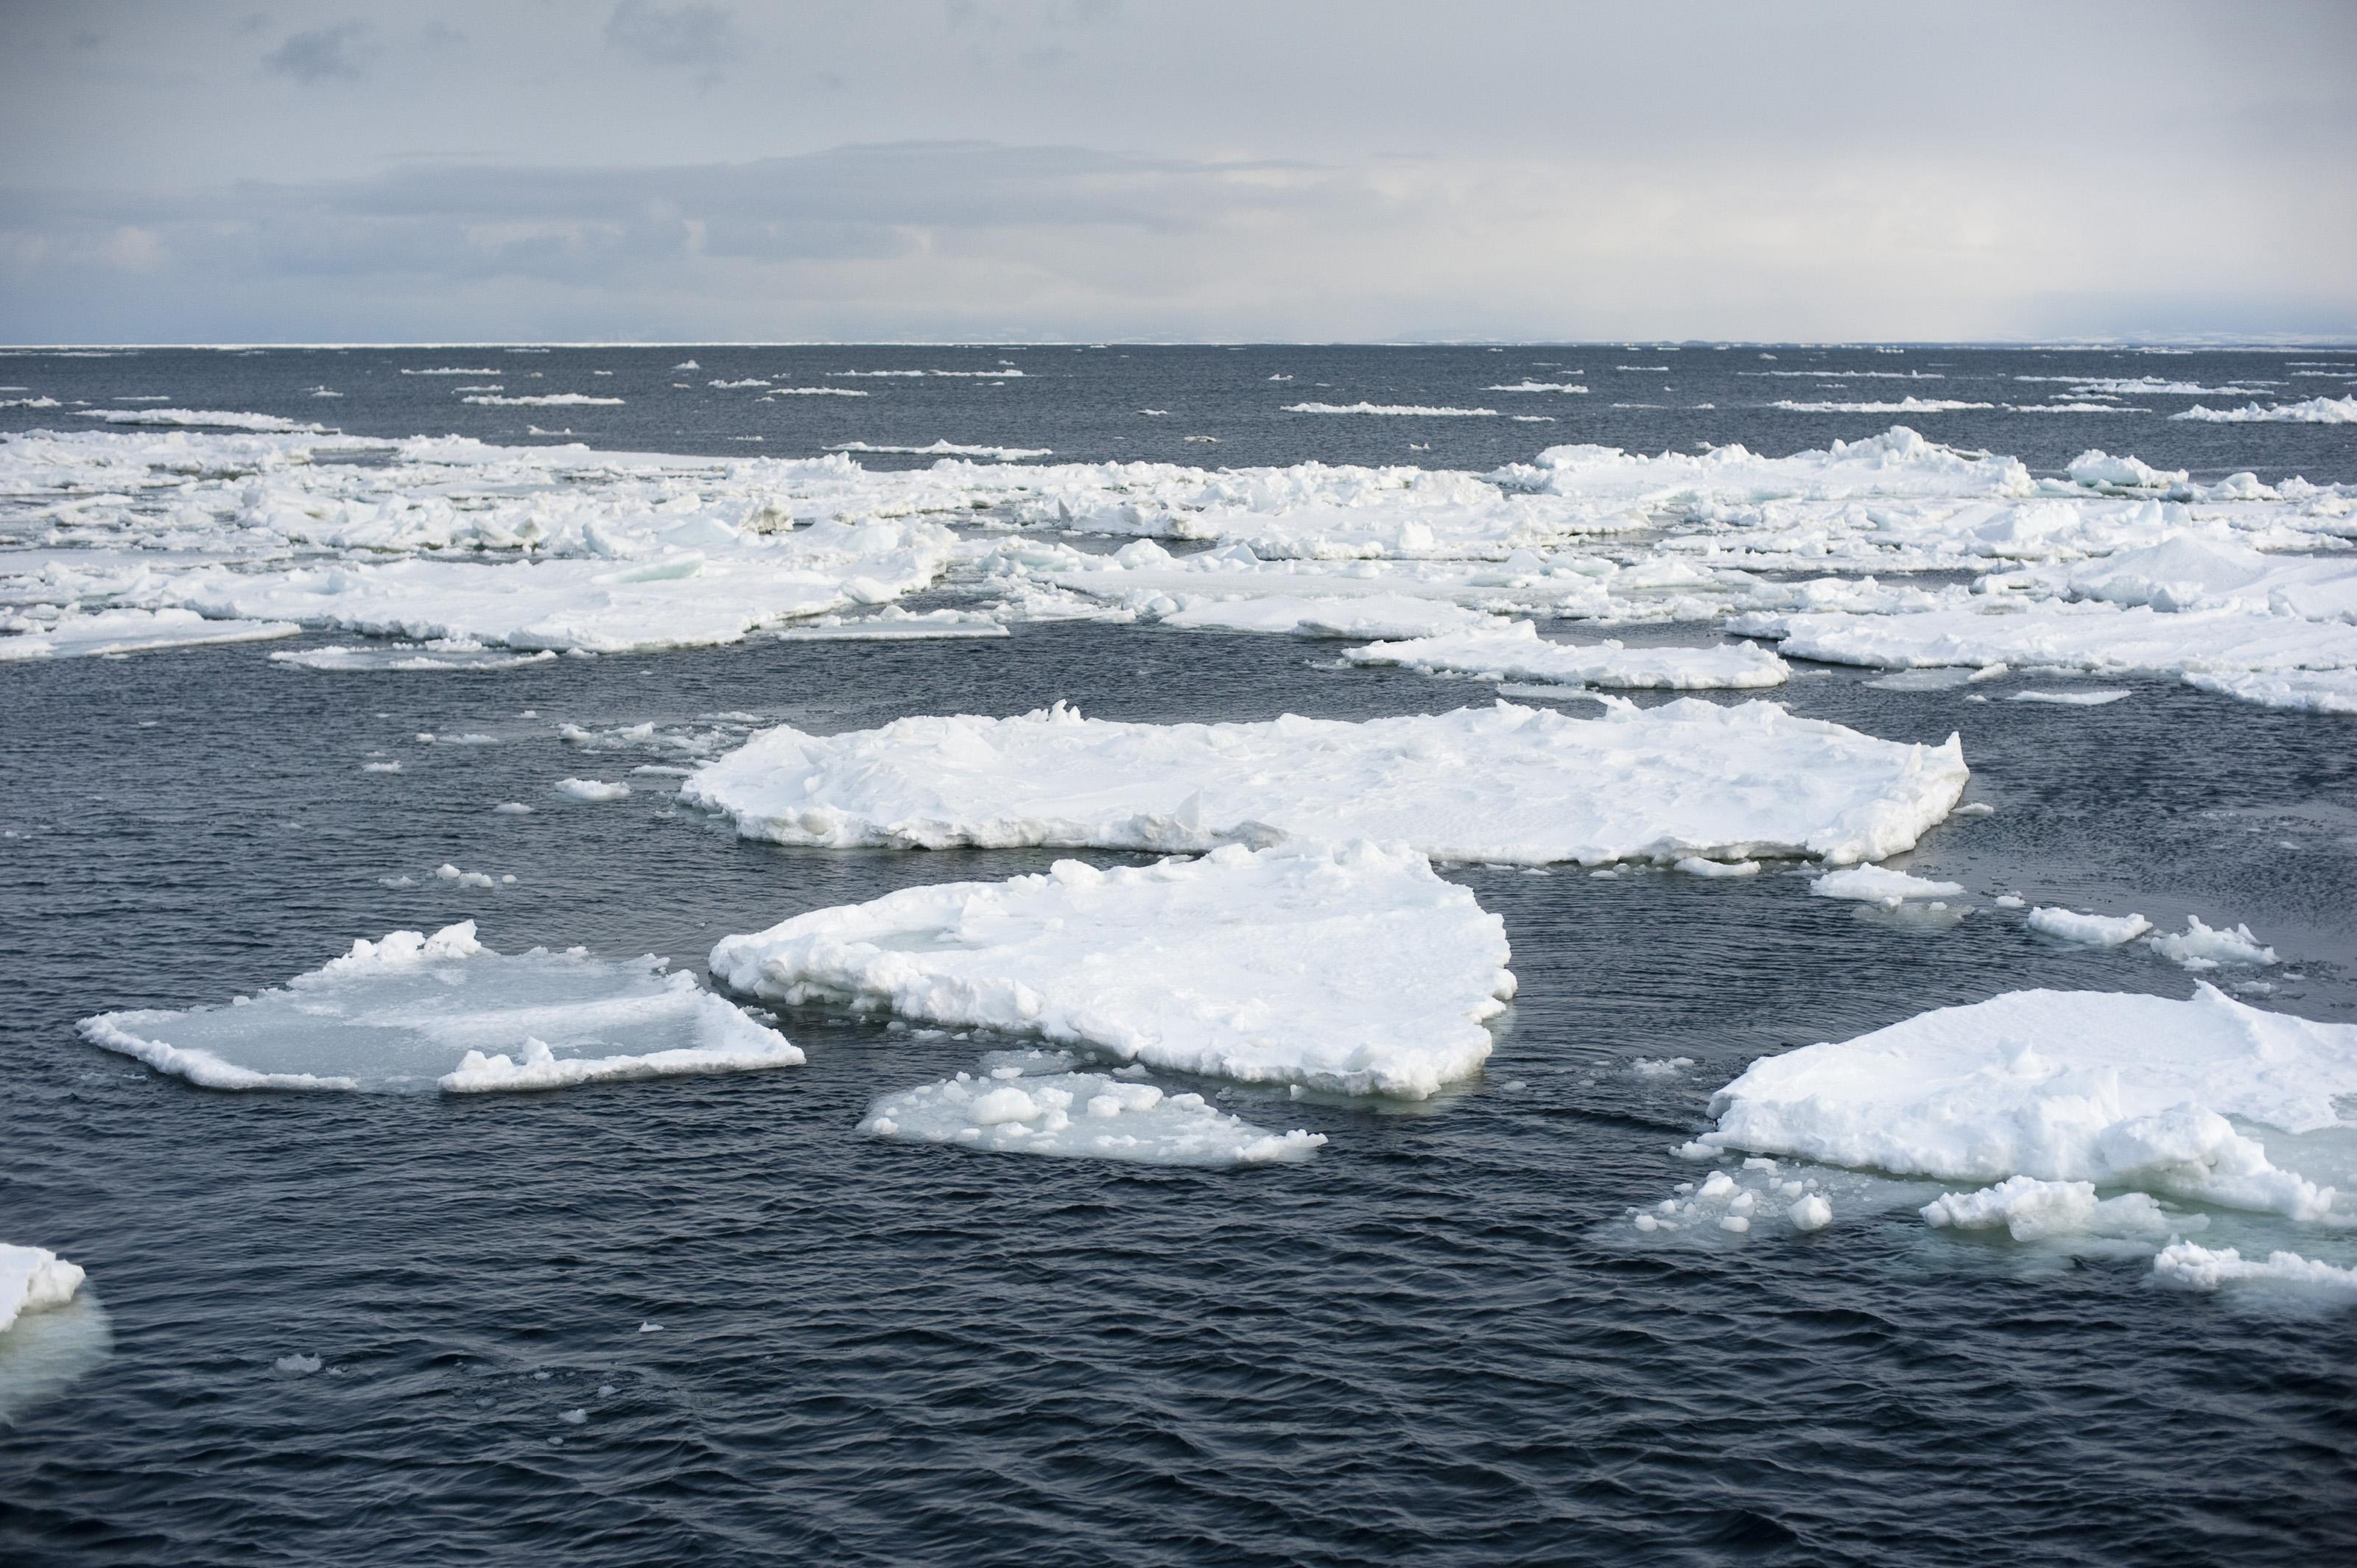 arctic ocean abiotic vs biotic